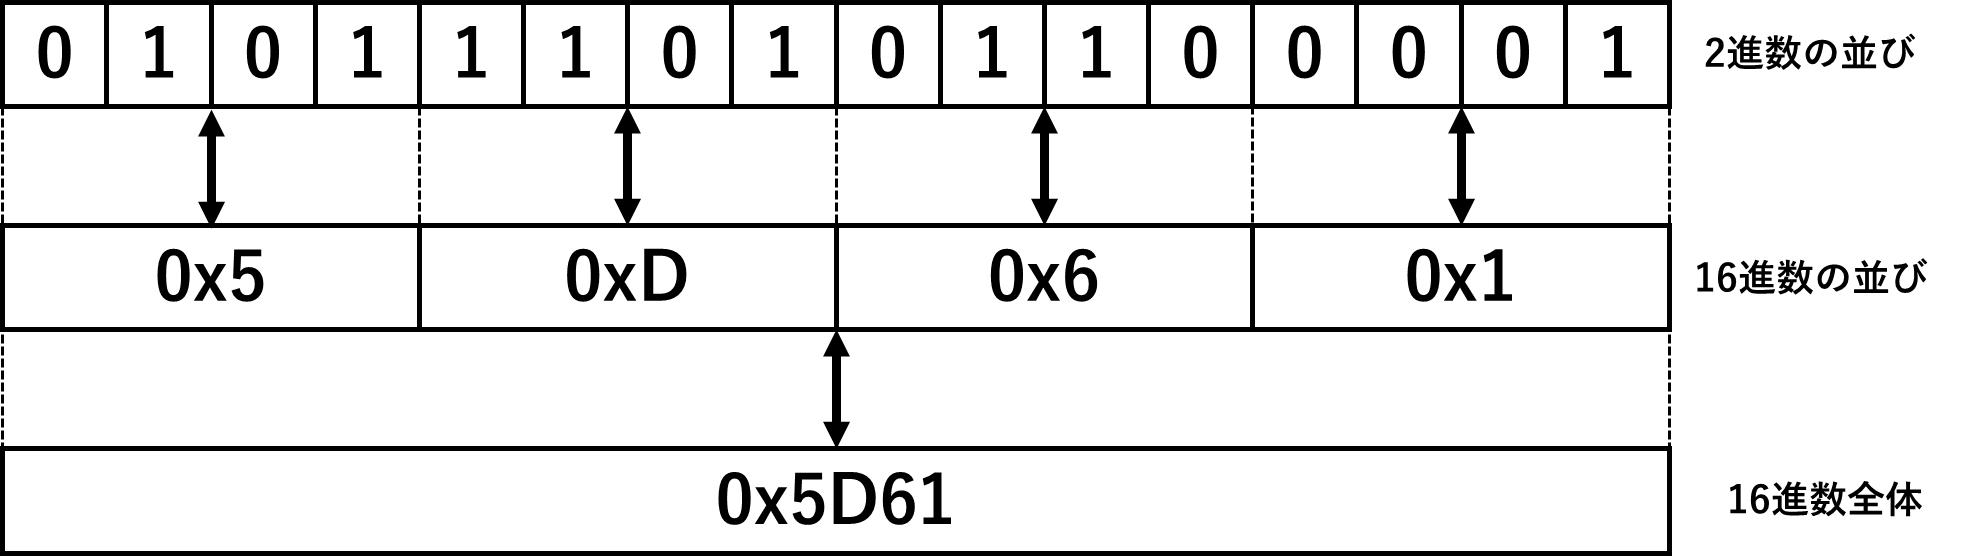 2進数と16進数の変換